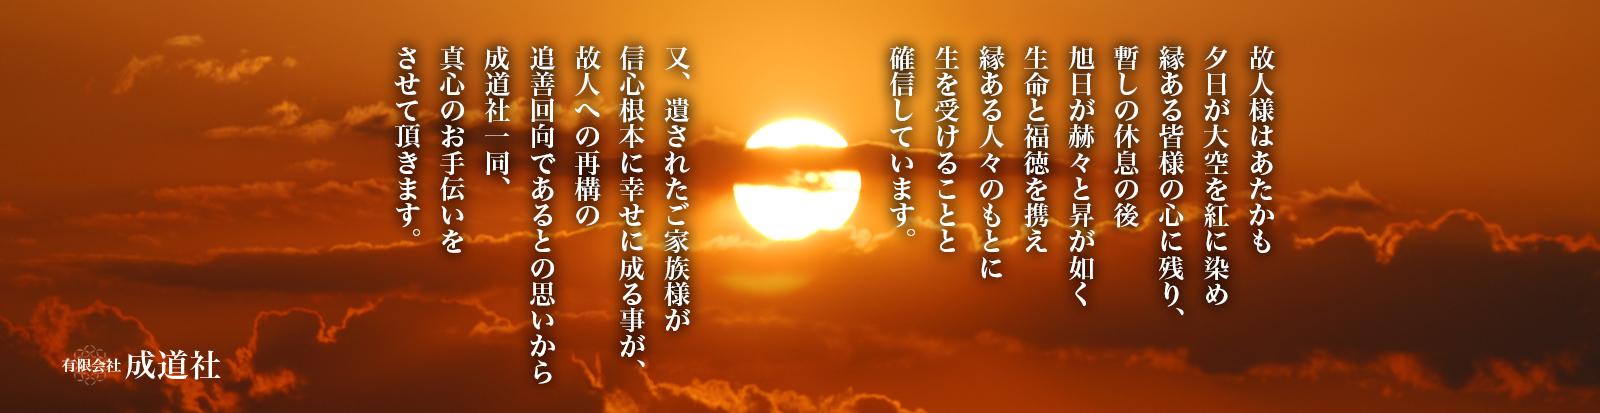 故人様はあたかも夕日が大空を紅に染め縁ある皆様の心に残り、暫しの休息の後、旭日が赫々と昇が如く生命と福徳を携え縁ある人々のもとに生を受けることを確信しています。又、遺されたご家族様が信心根本に幸せに成る事が、故人への再構の追善回向であるとの思いから成道社一同、真心のお手伝いをさせて頂きます。